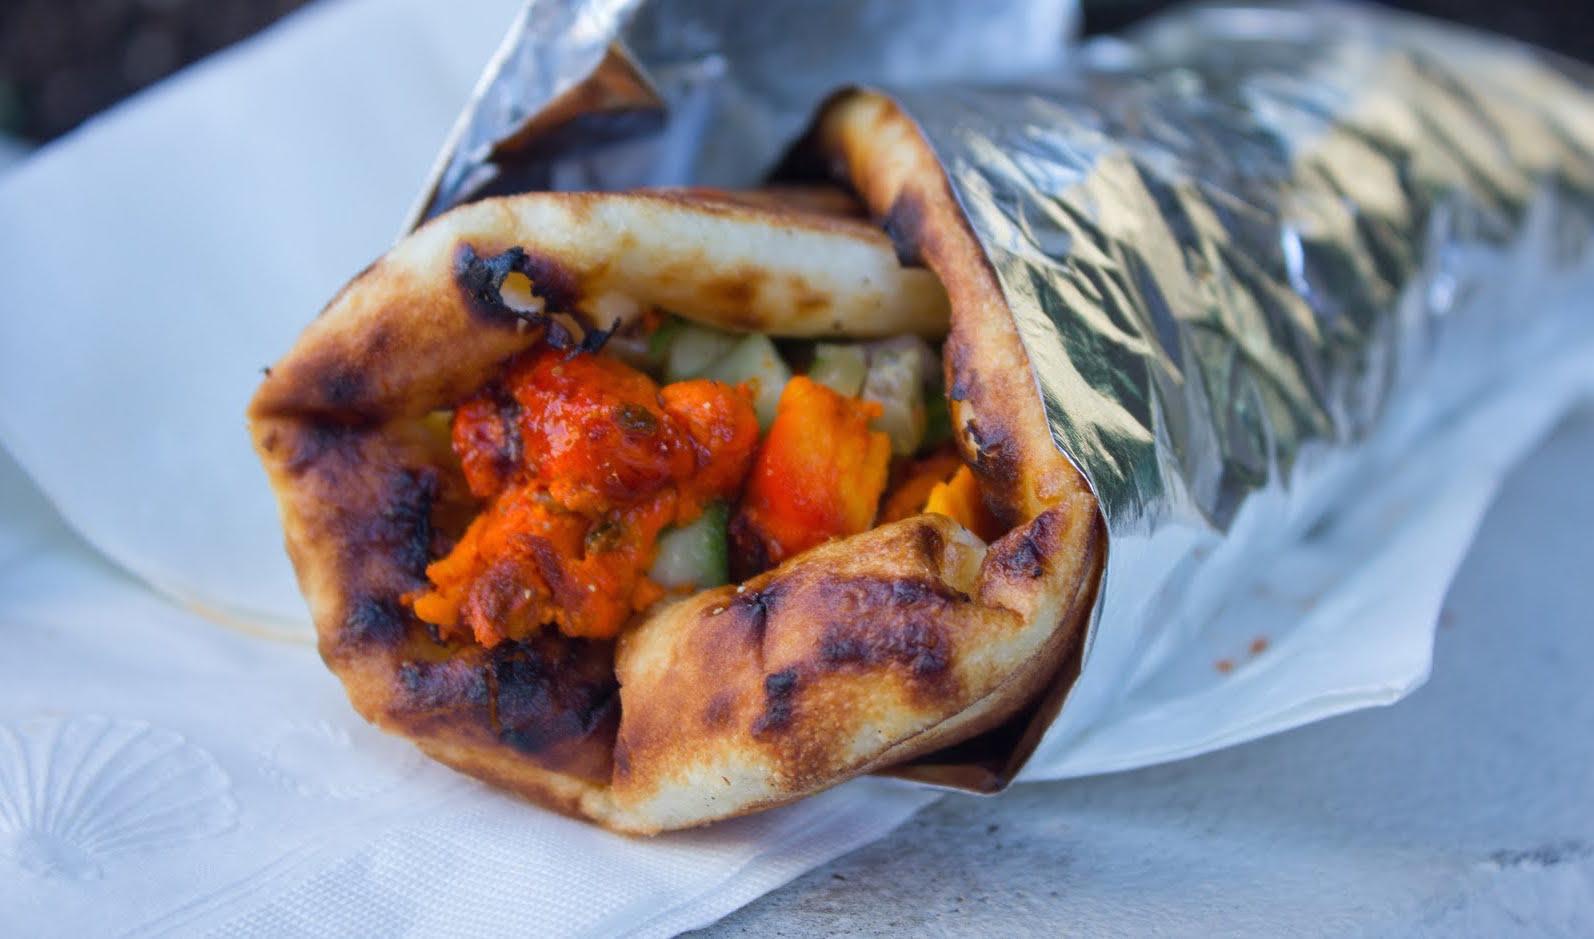 Lunch - Tandoori Chicken Sandwich